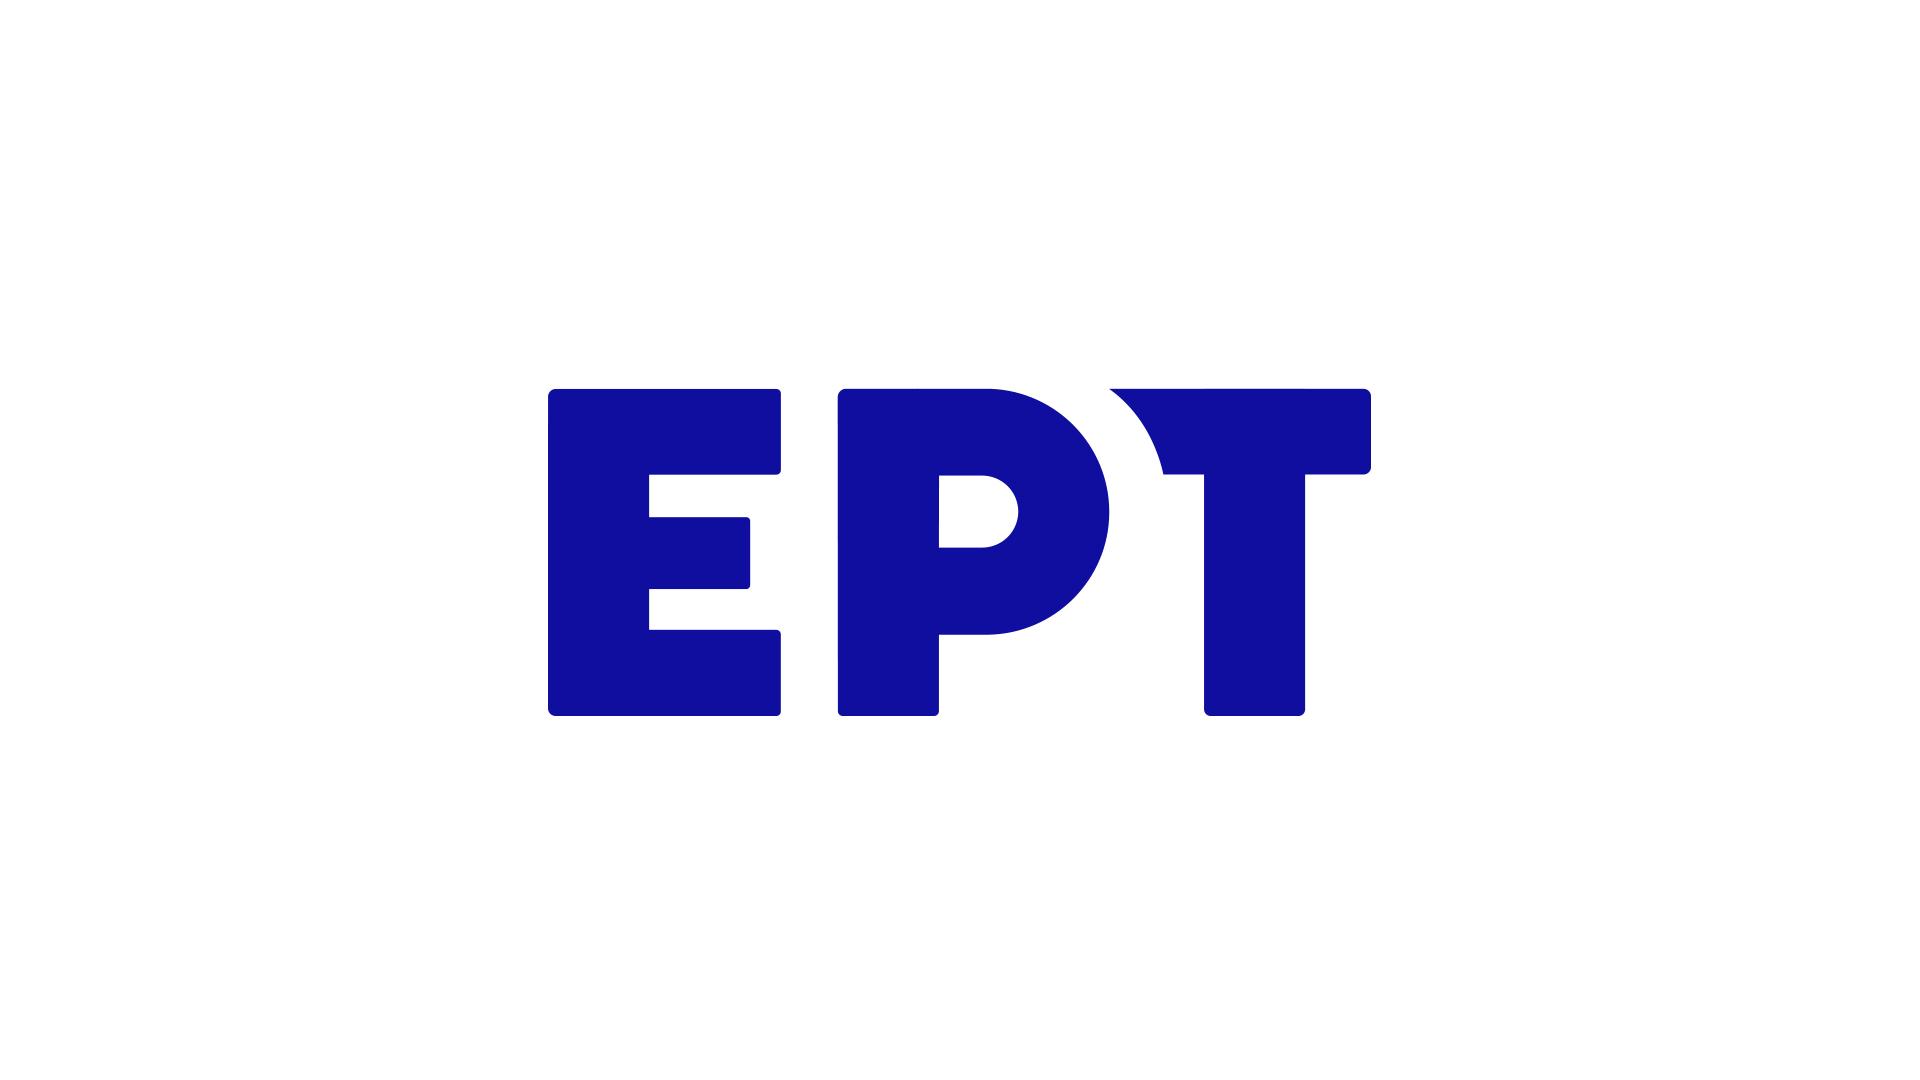 Συμφωνίες ξένου πρόγραμματος από την ΕΡΤ